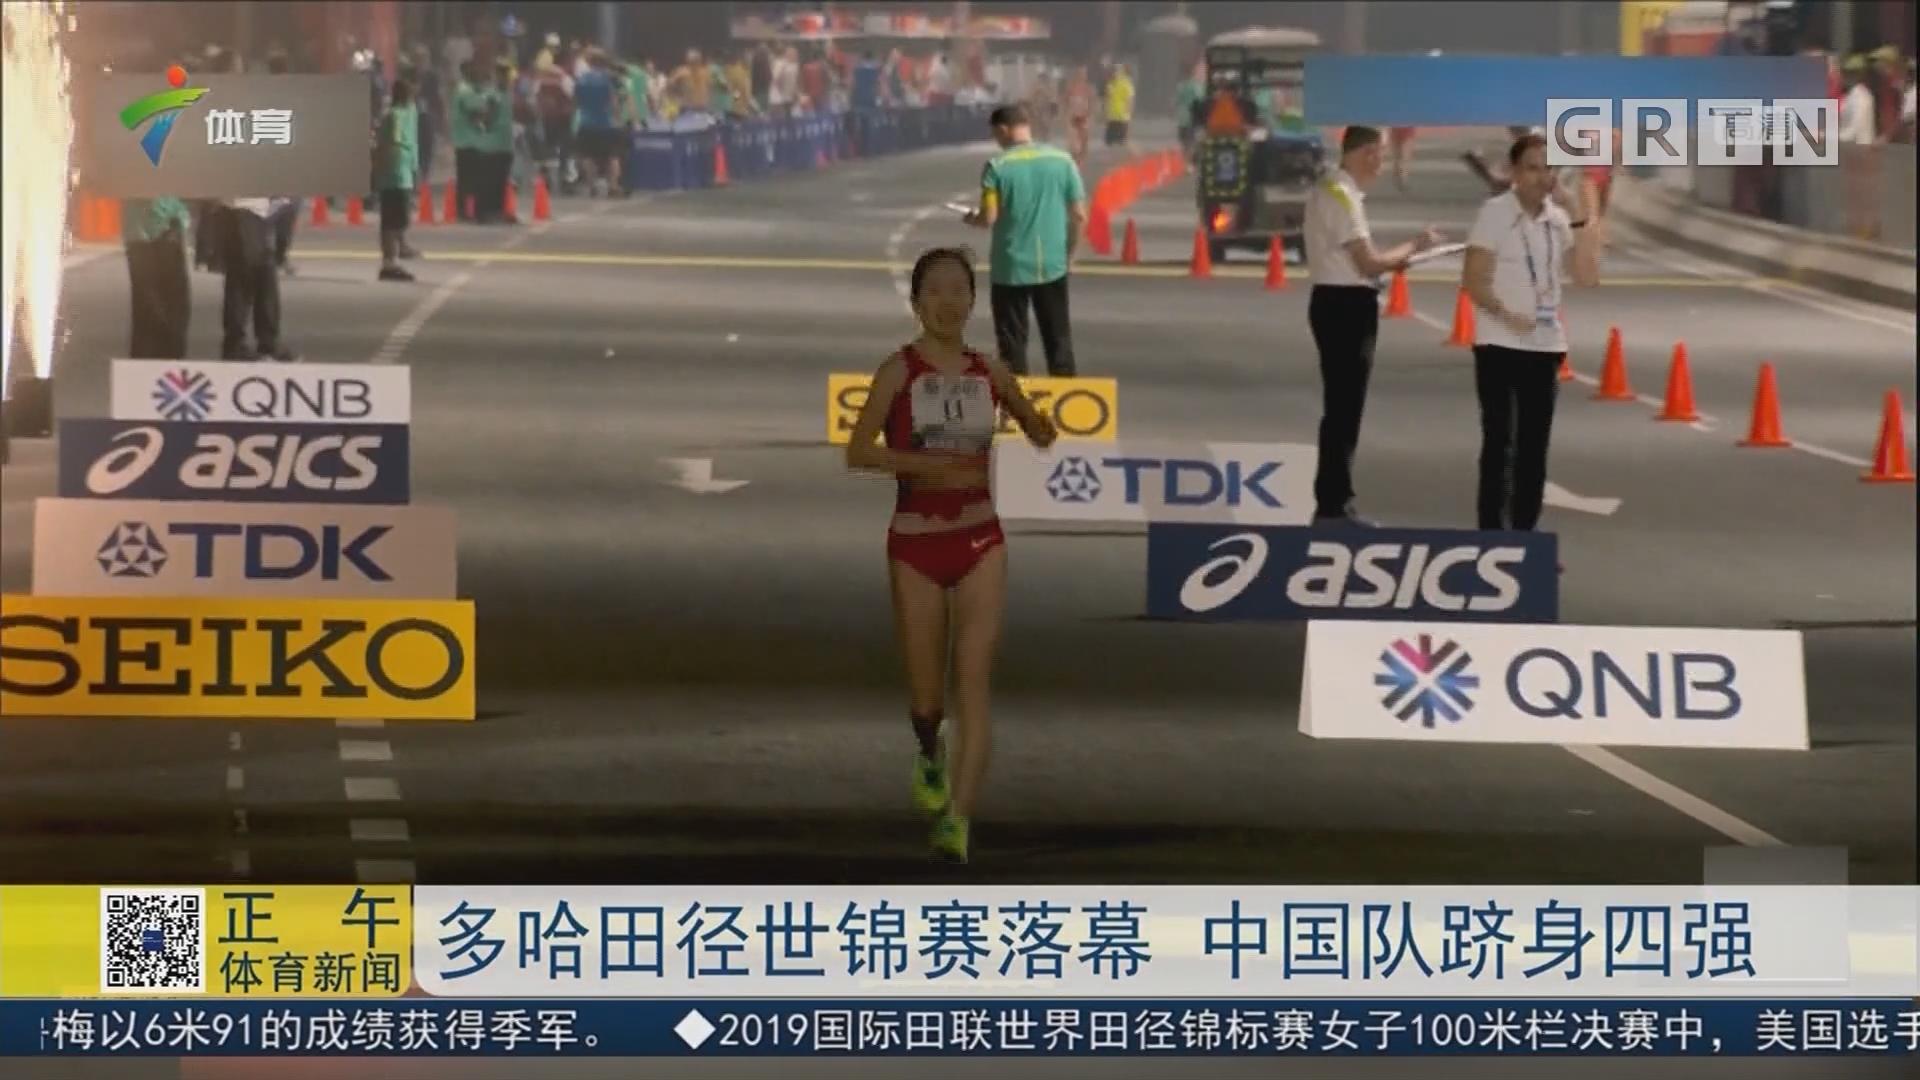 多哈田徑世錦賽落幕 中國隊躋身四強